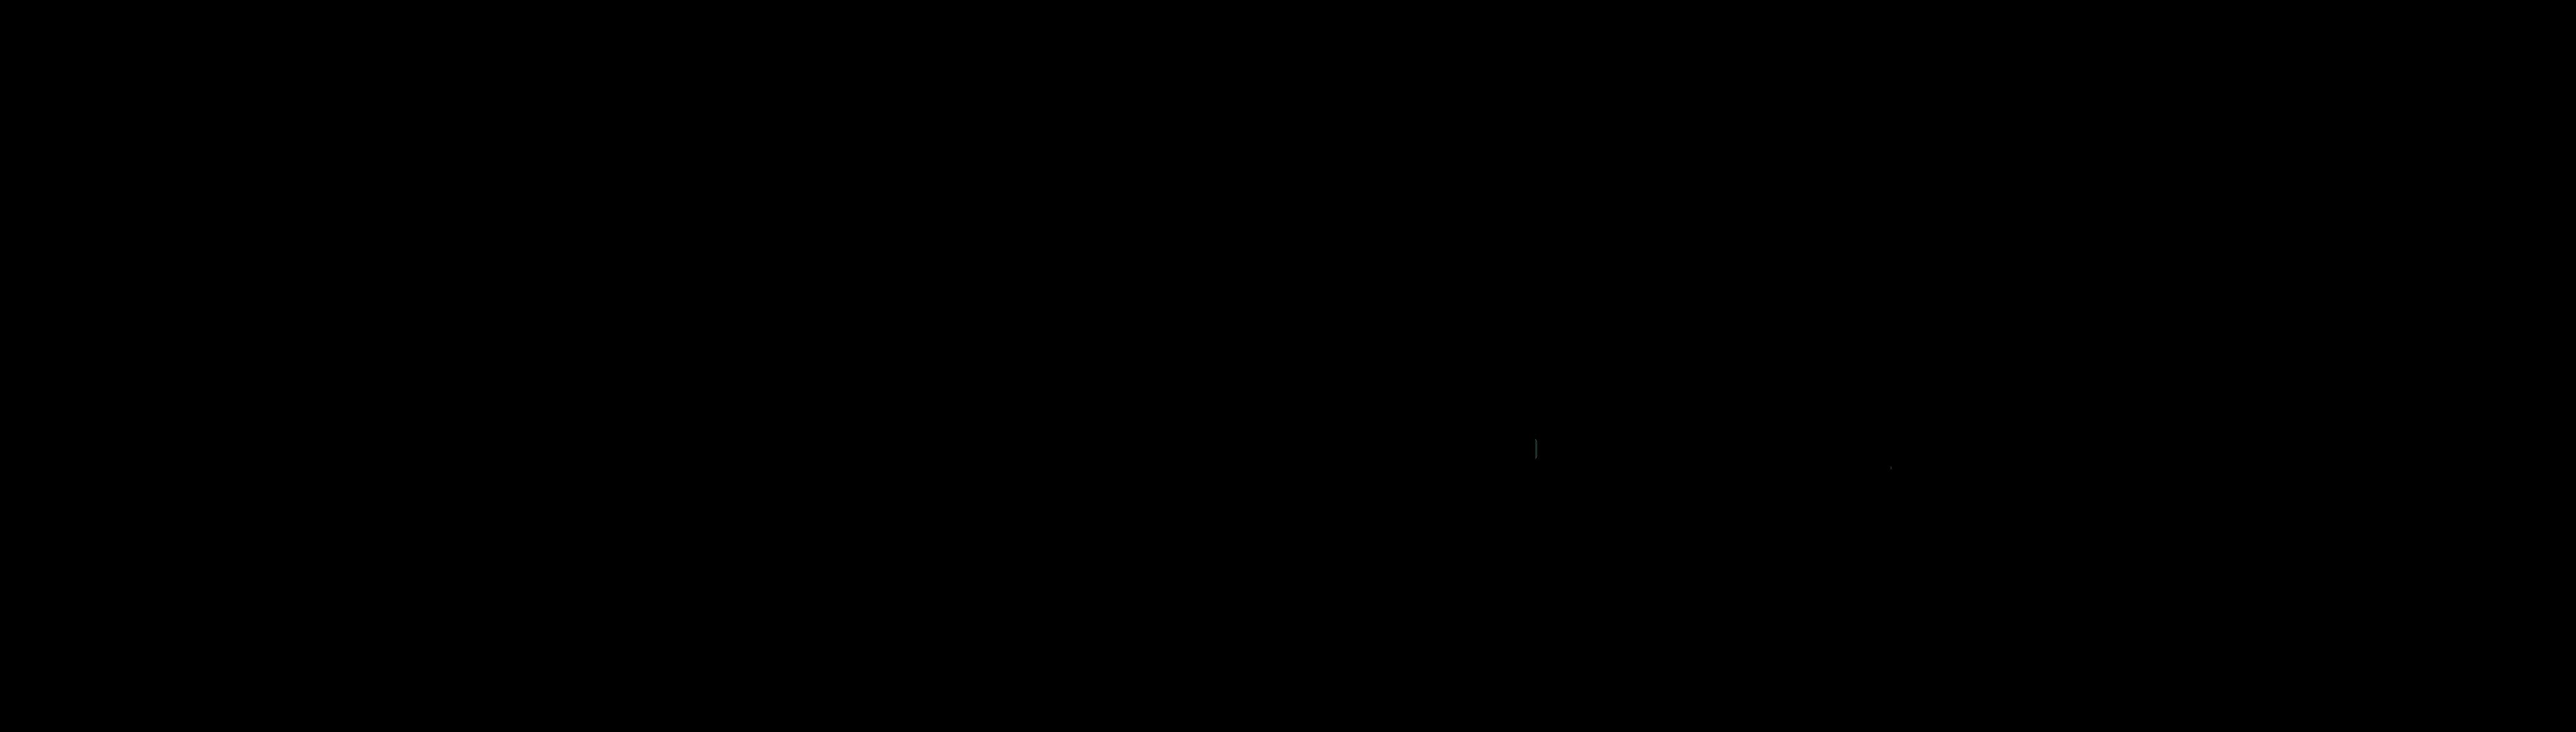 jacksonville line art skyline